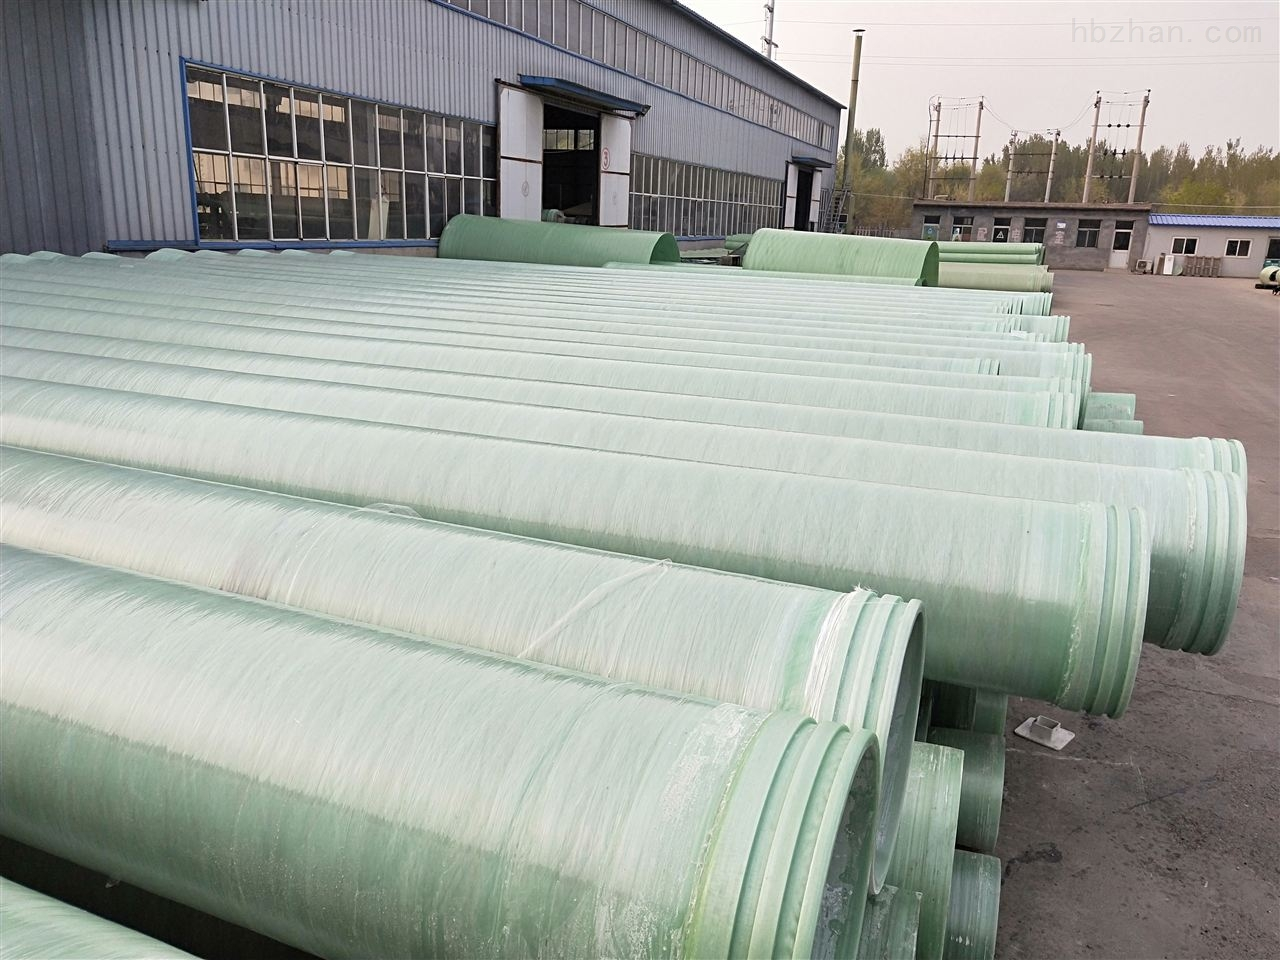 博尔塔拉玻璃钢污水管道多少钱